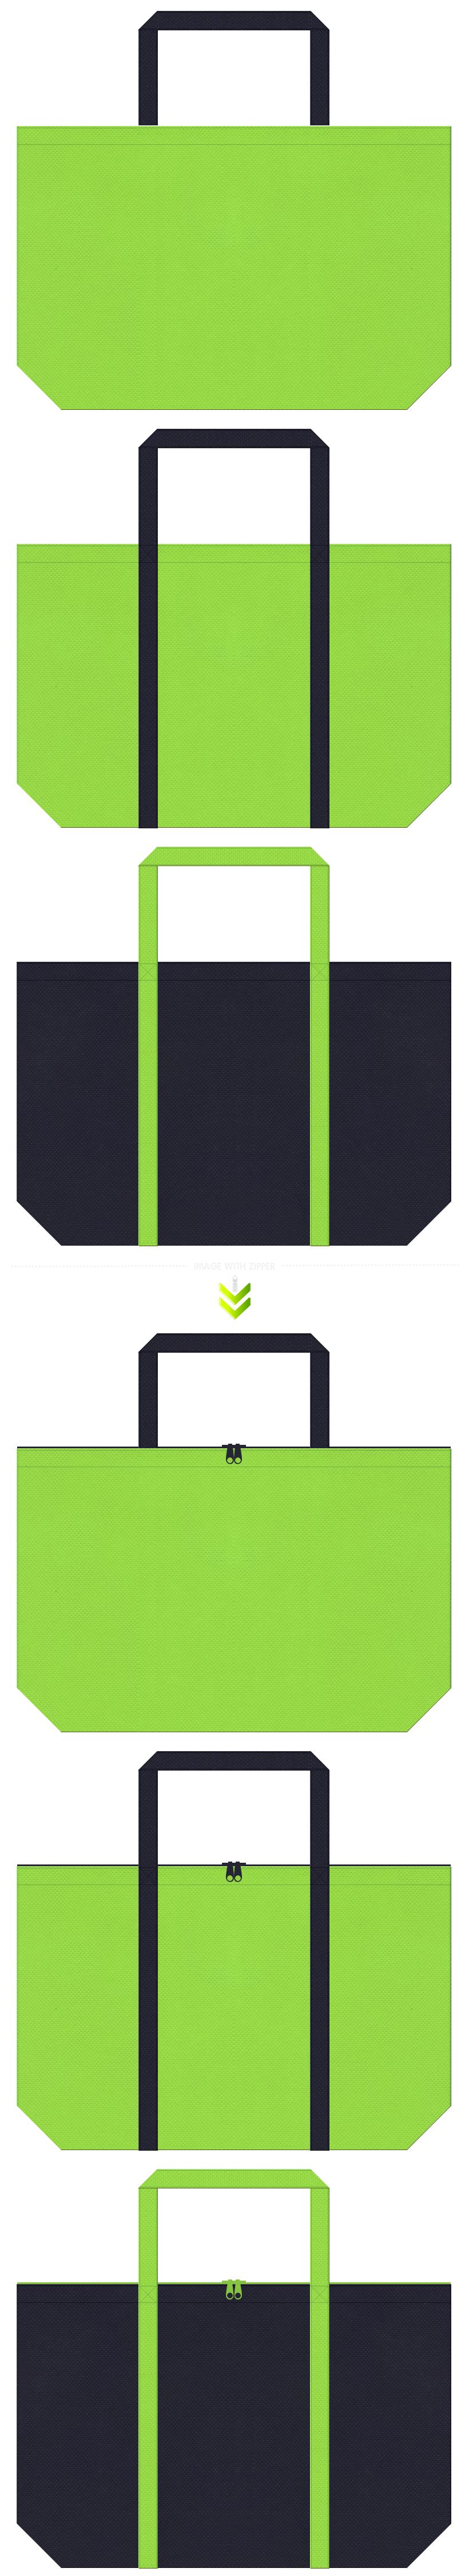 ユニフォーム・運動靴・アウトドア・・スポーツ・ランドリーバッグにお奨めの不織布バッグデザイン:黄緑色と濃緑色のコーデ